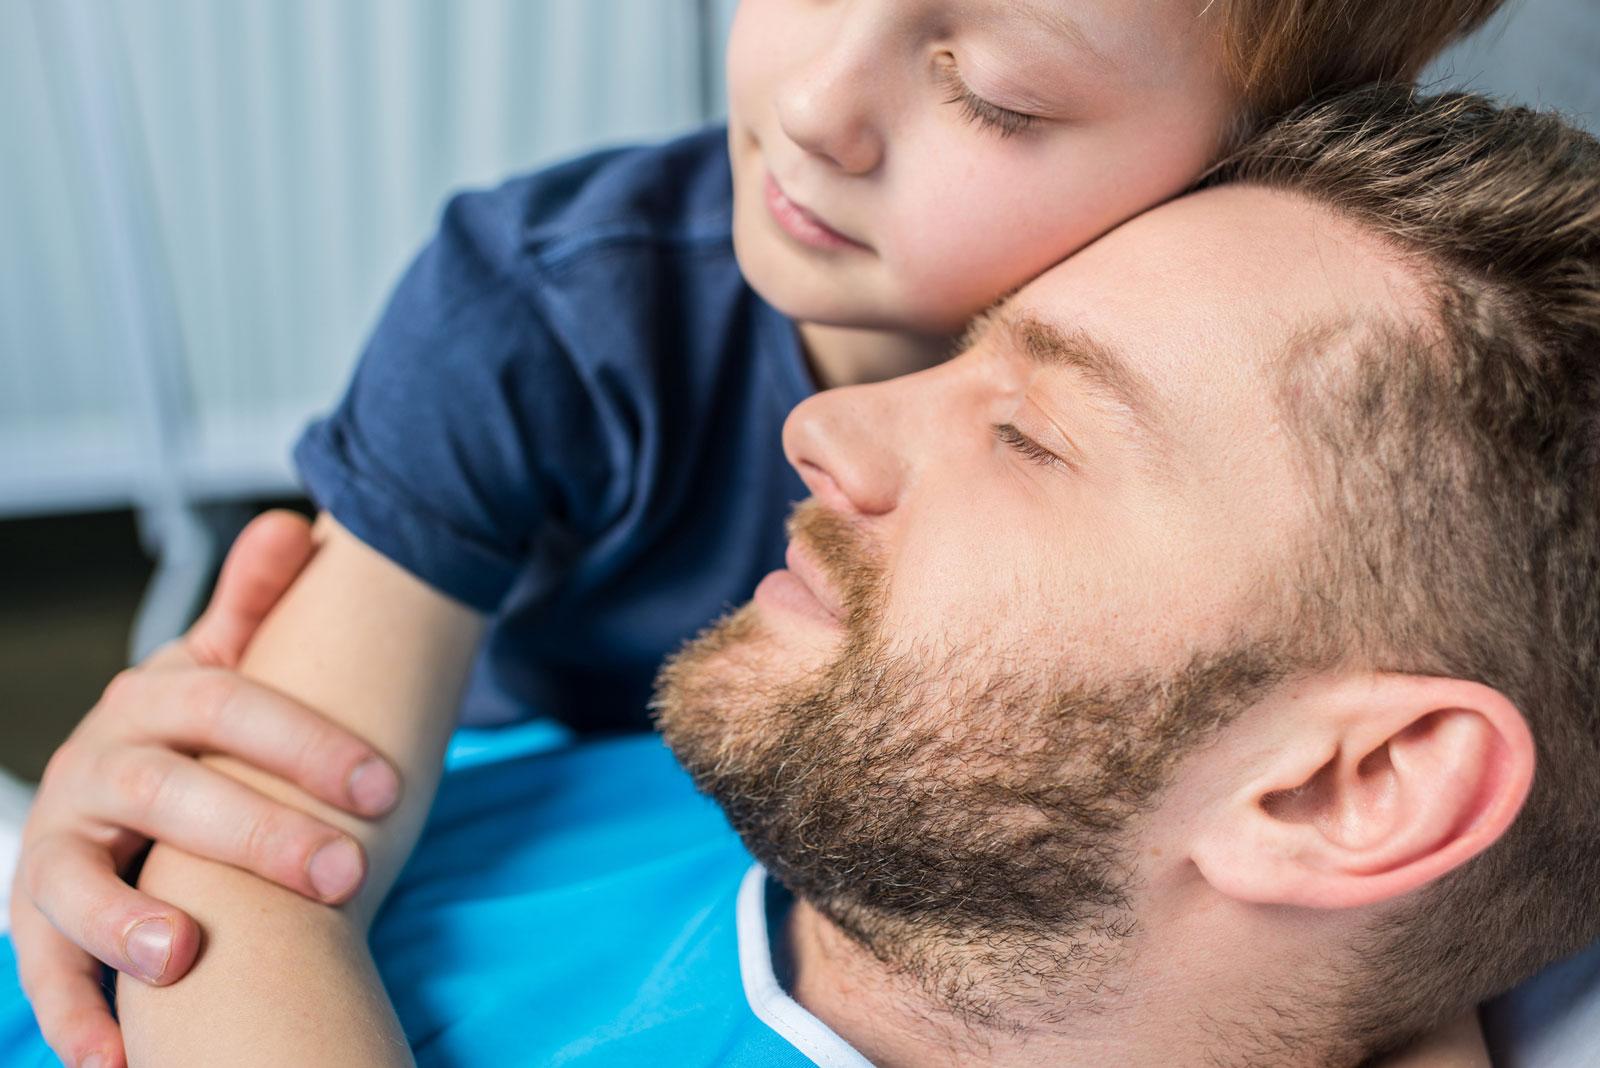 Eine längerfristige Arbeitsunfähigkeit kann die Finanzen der Familie unter Druck bringen.